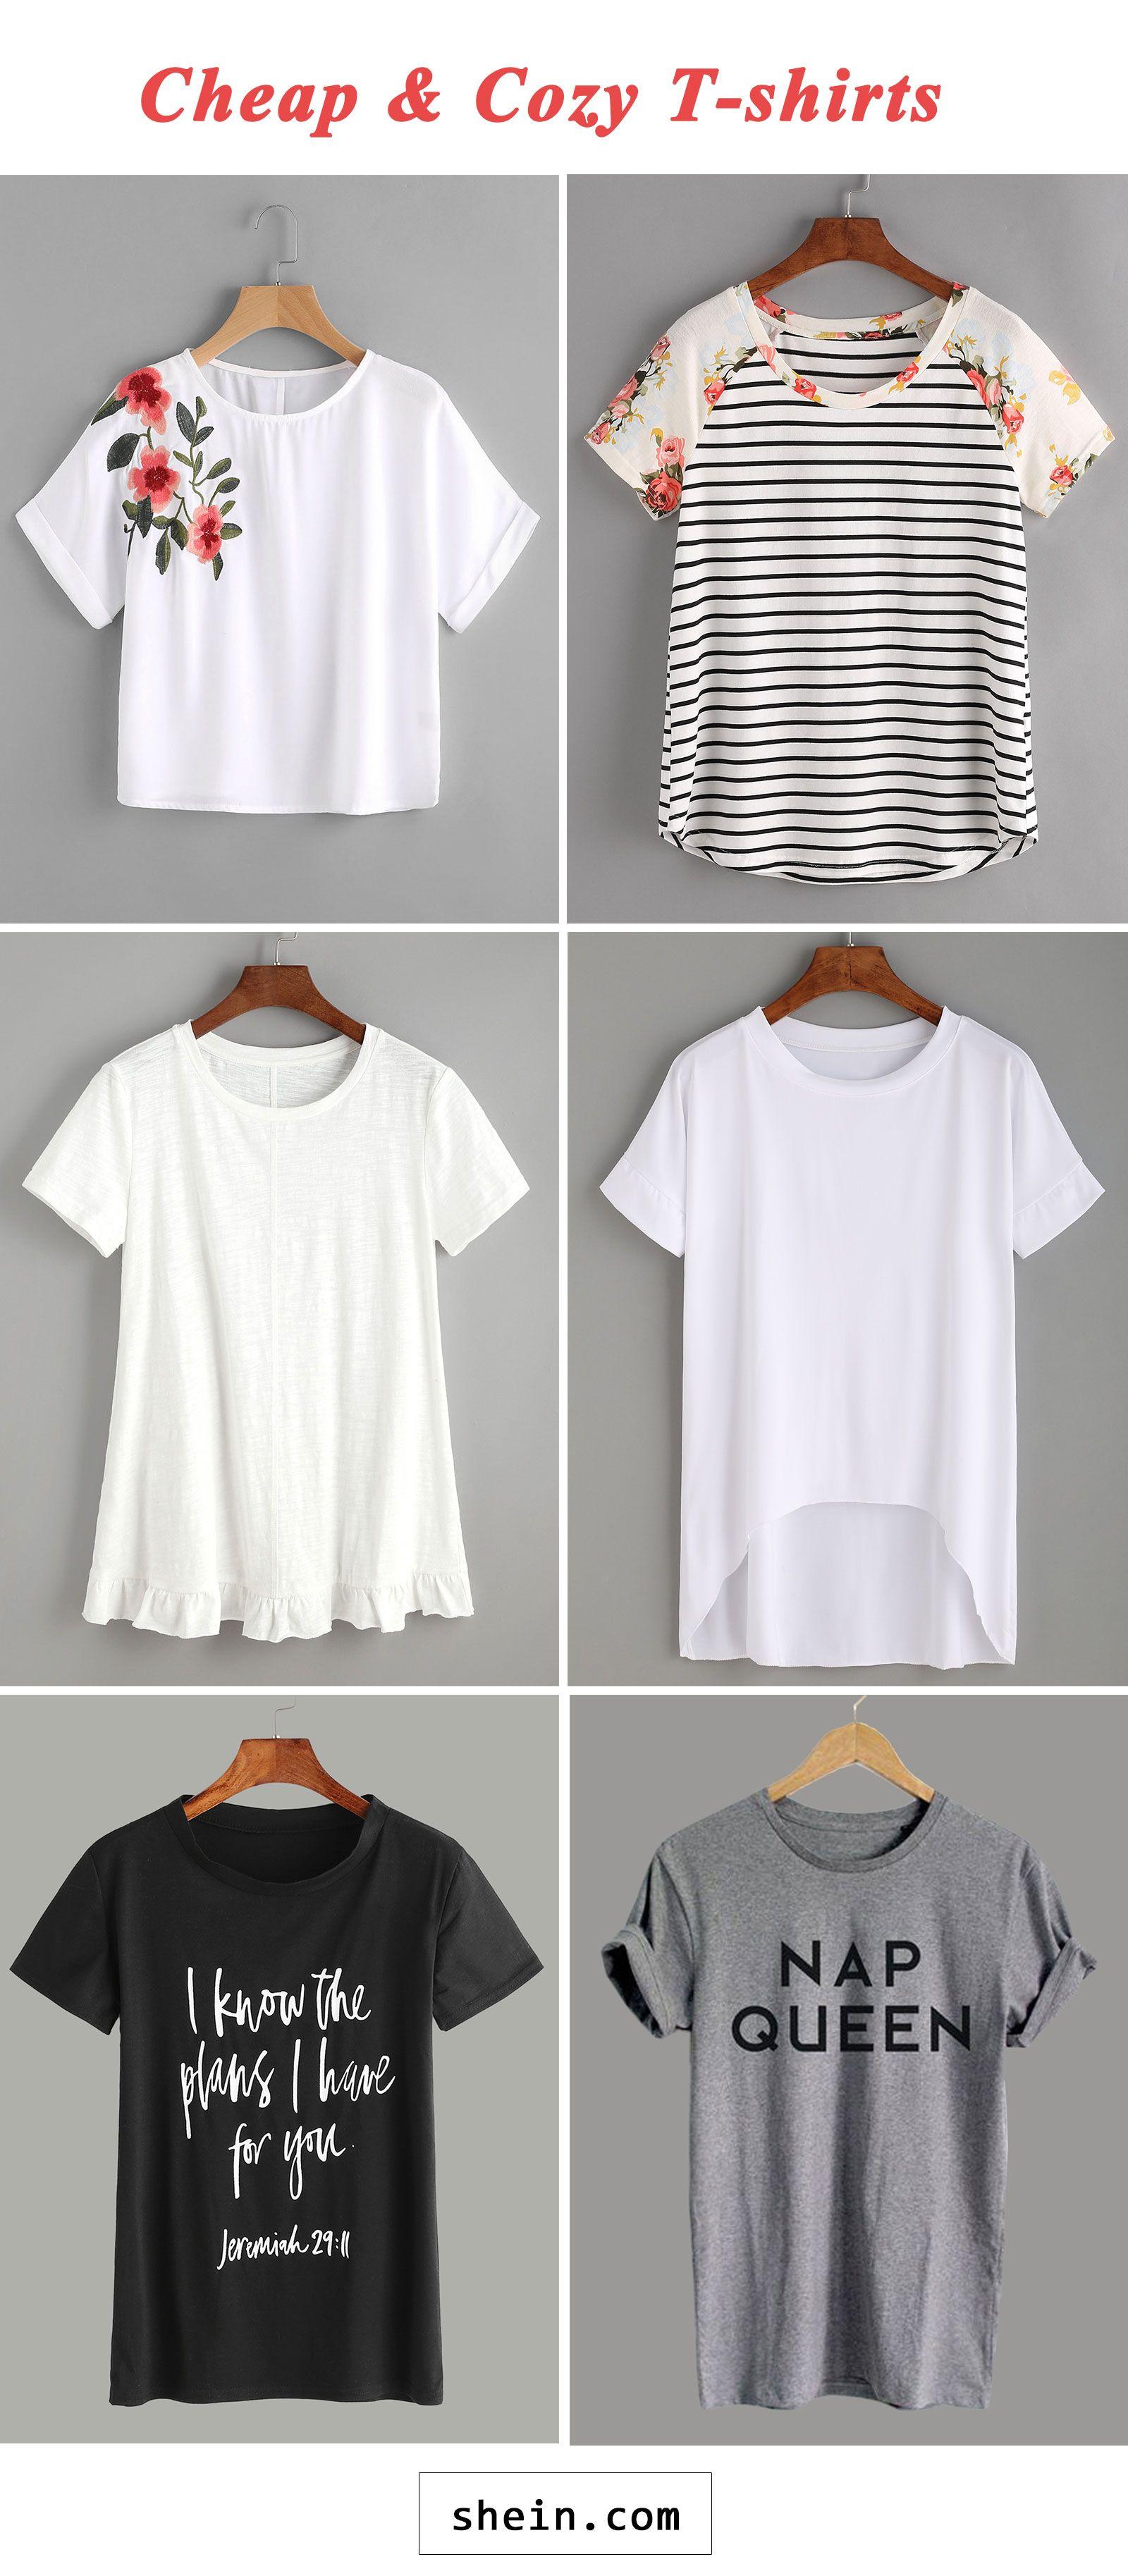 Cute Summer Shirts Cheap - DREAMWORKS